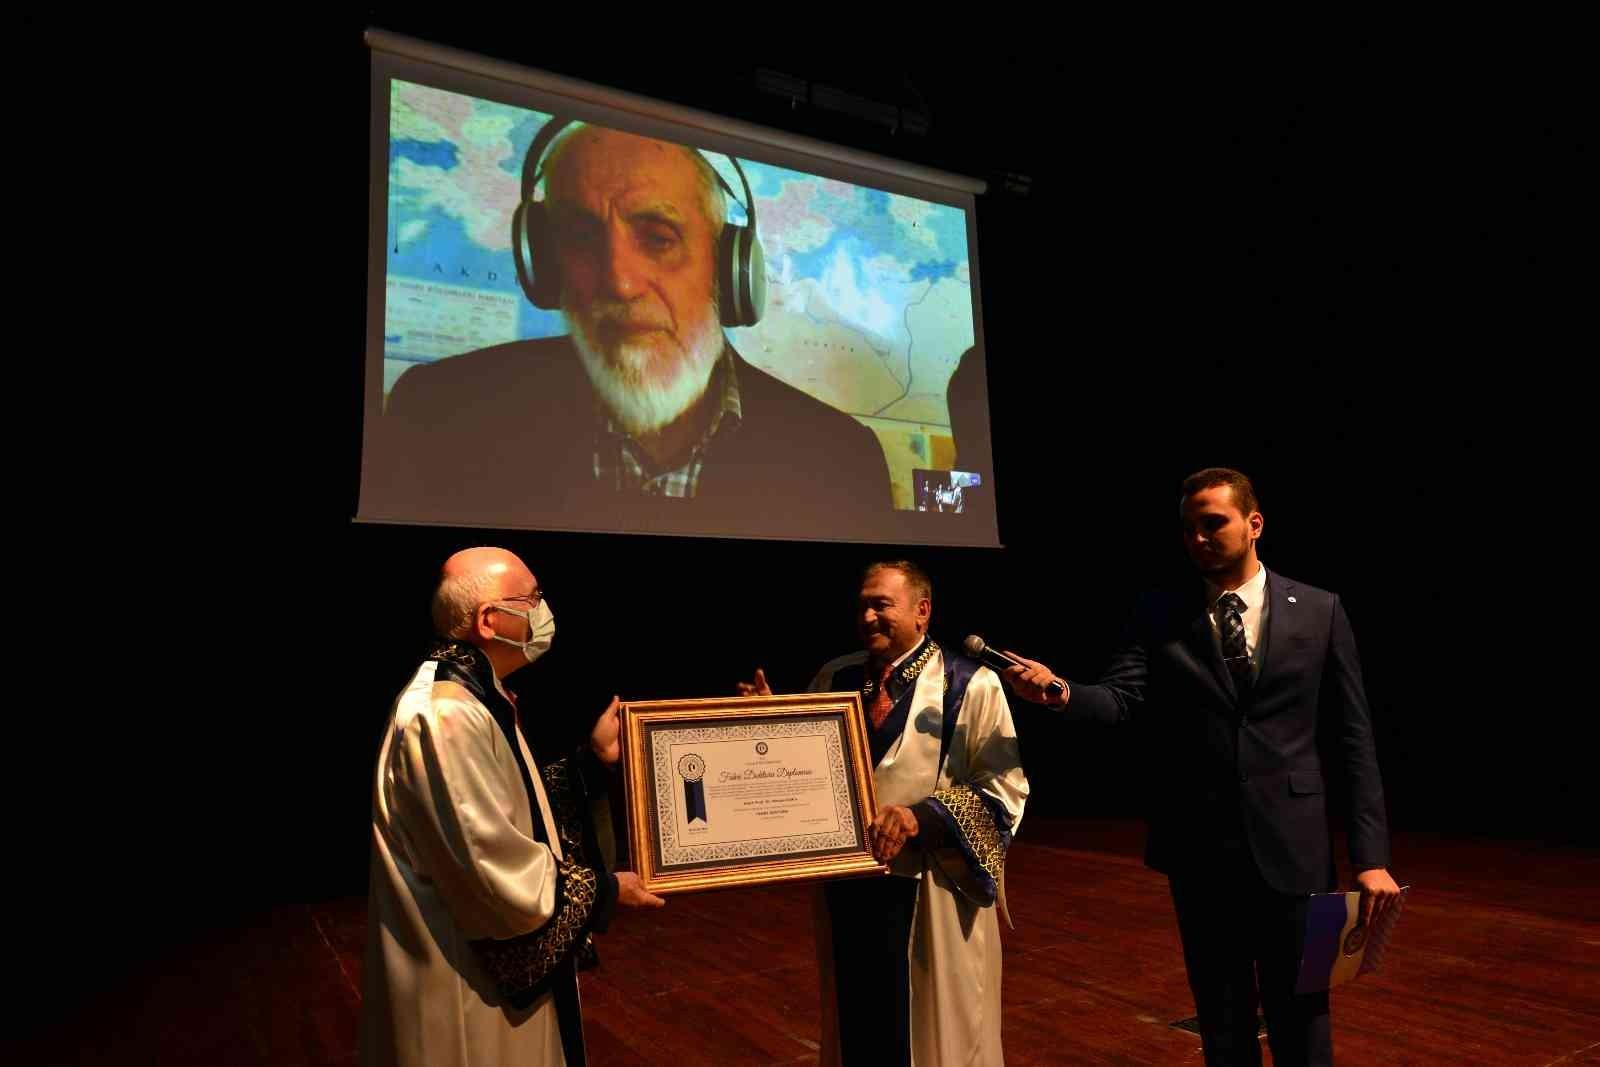 Uşak Üniversitesi, Prof. Dr. Nevzat Kor'a 'Fahri Doktora' unvanı verdi